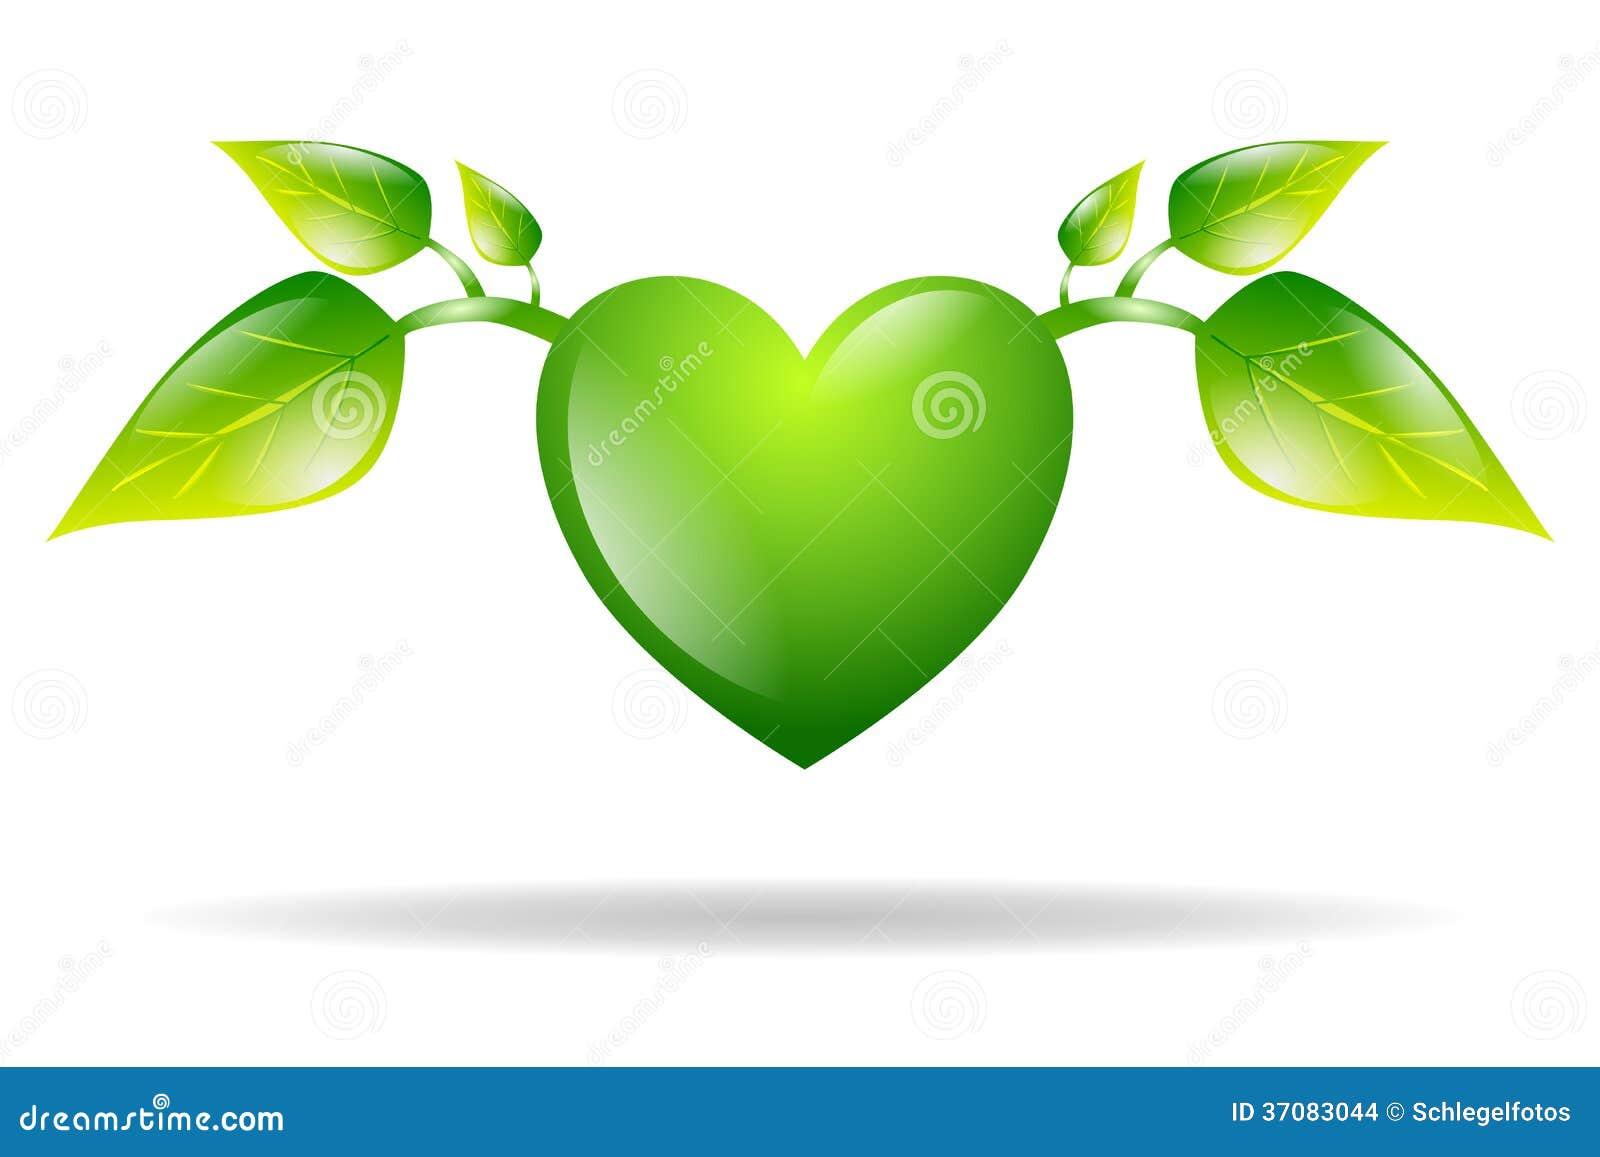 Download Zielony Serce Z Liśćmi Odizolowywającymi Ilustracji - Ilustracja złożonej z zdrowy, valentine: 37083044